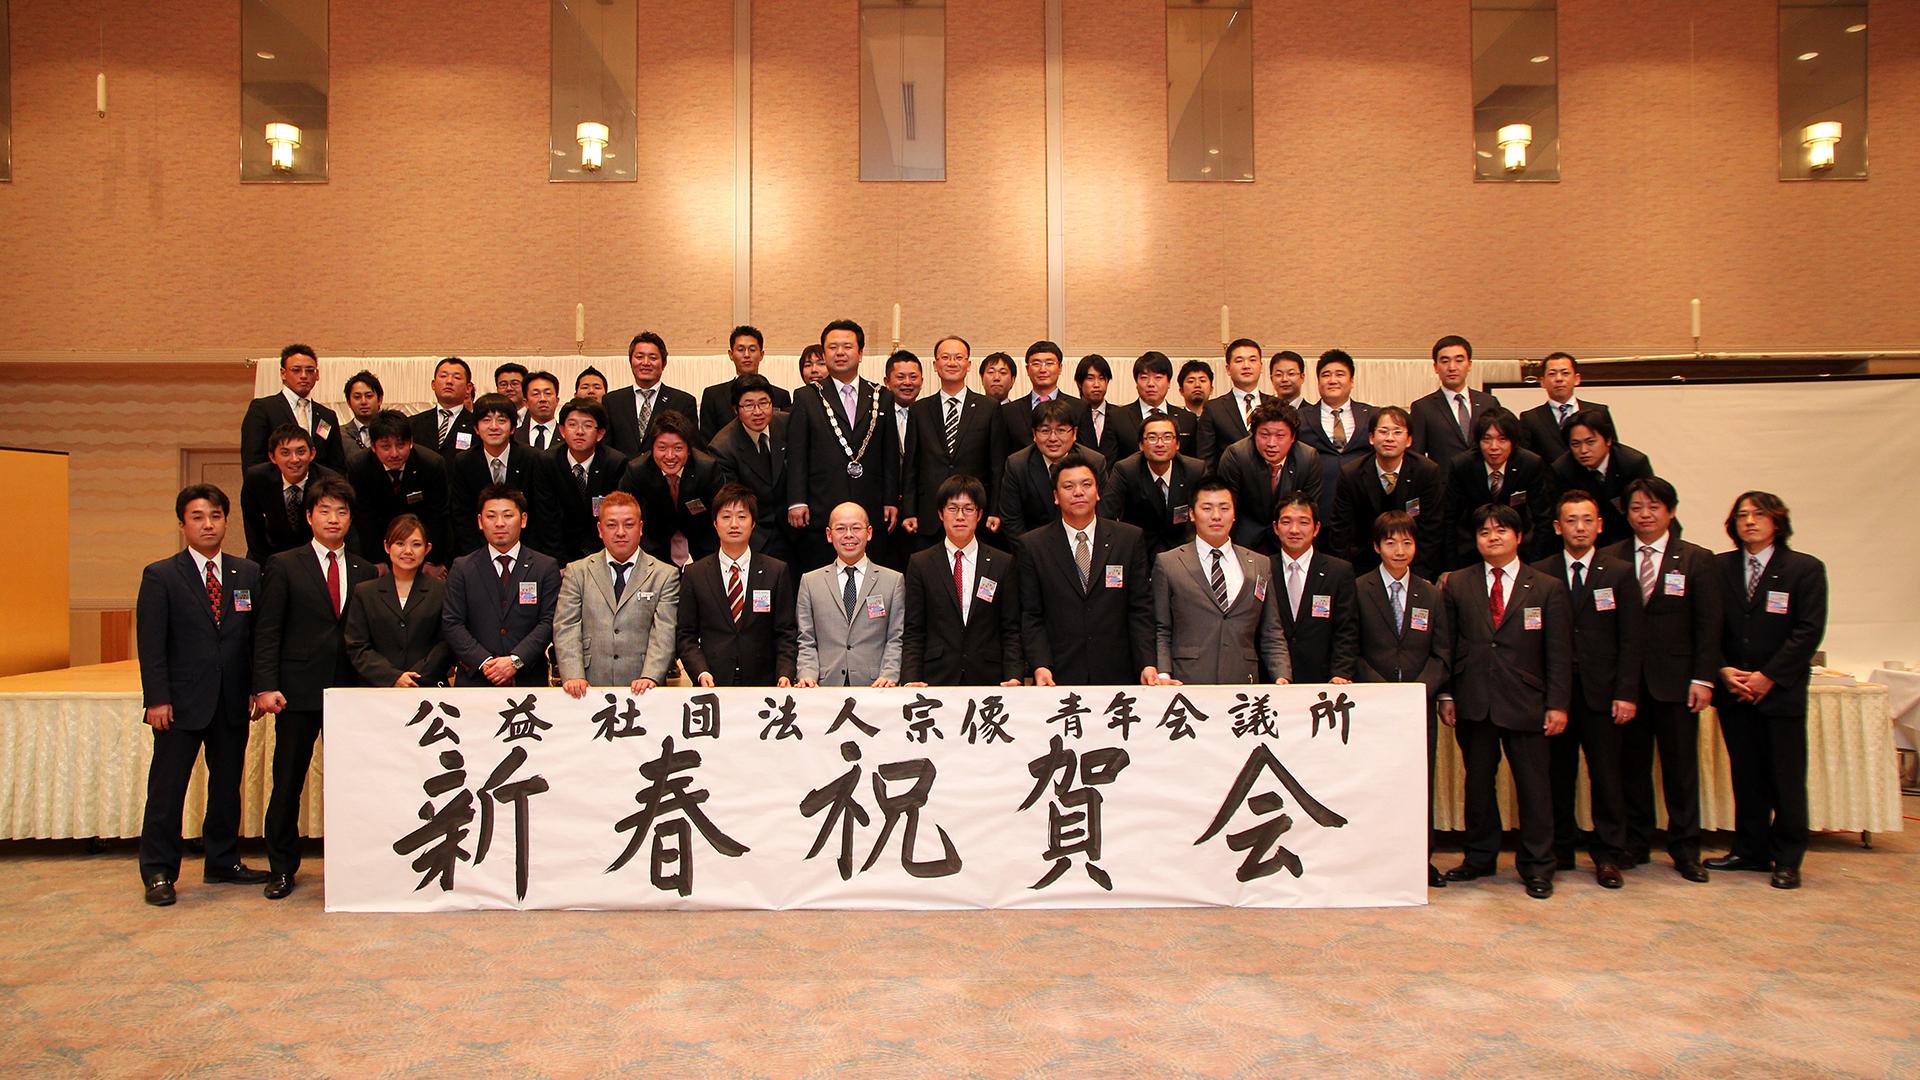 http://www.munakatajc.com/active/2013011701-.jpg